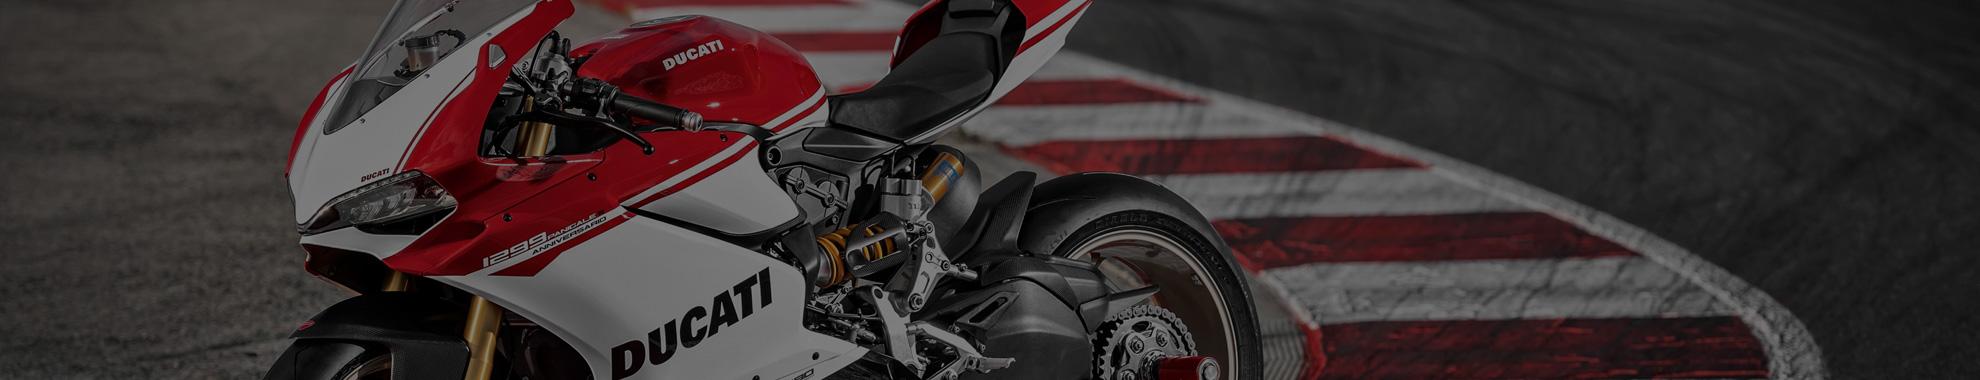 Witaj | w sklepie Ducati